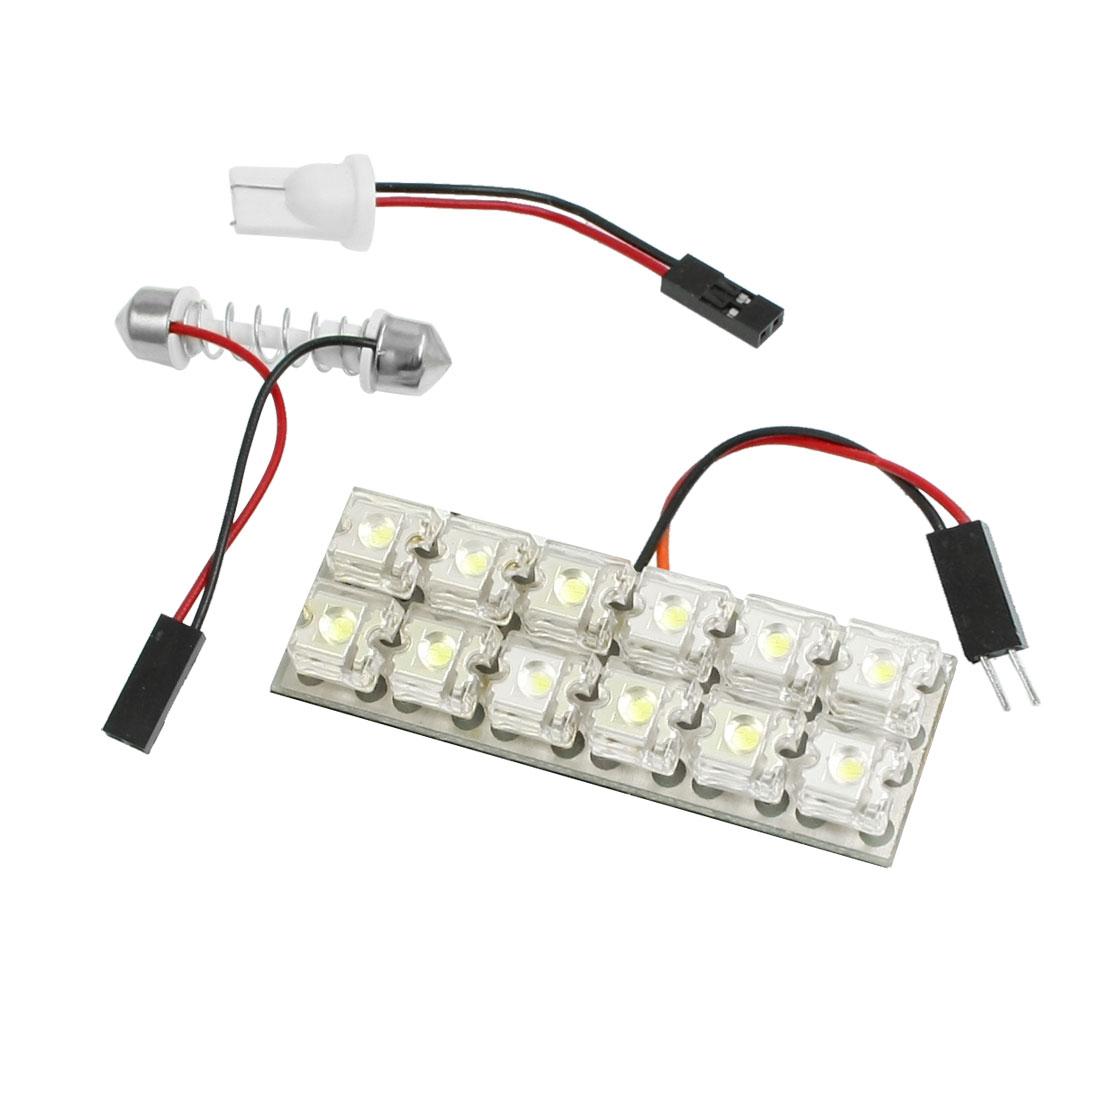 White Flux 12 LED Light + T10 Adpater + 29mm-41mm Festoon Base for Vehicle Truck